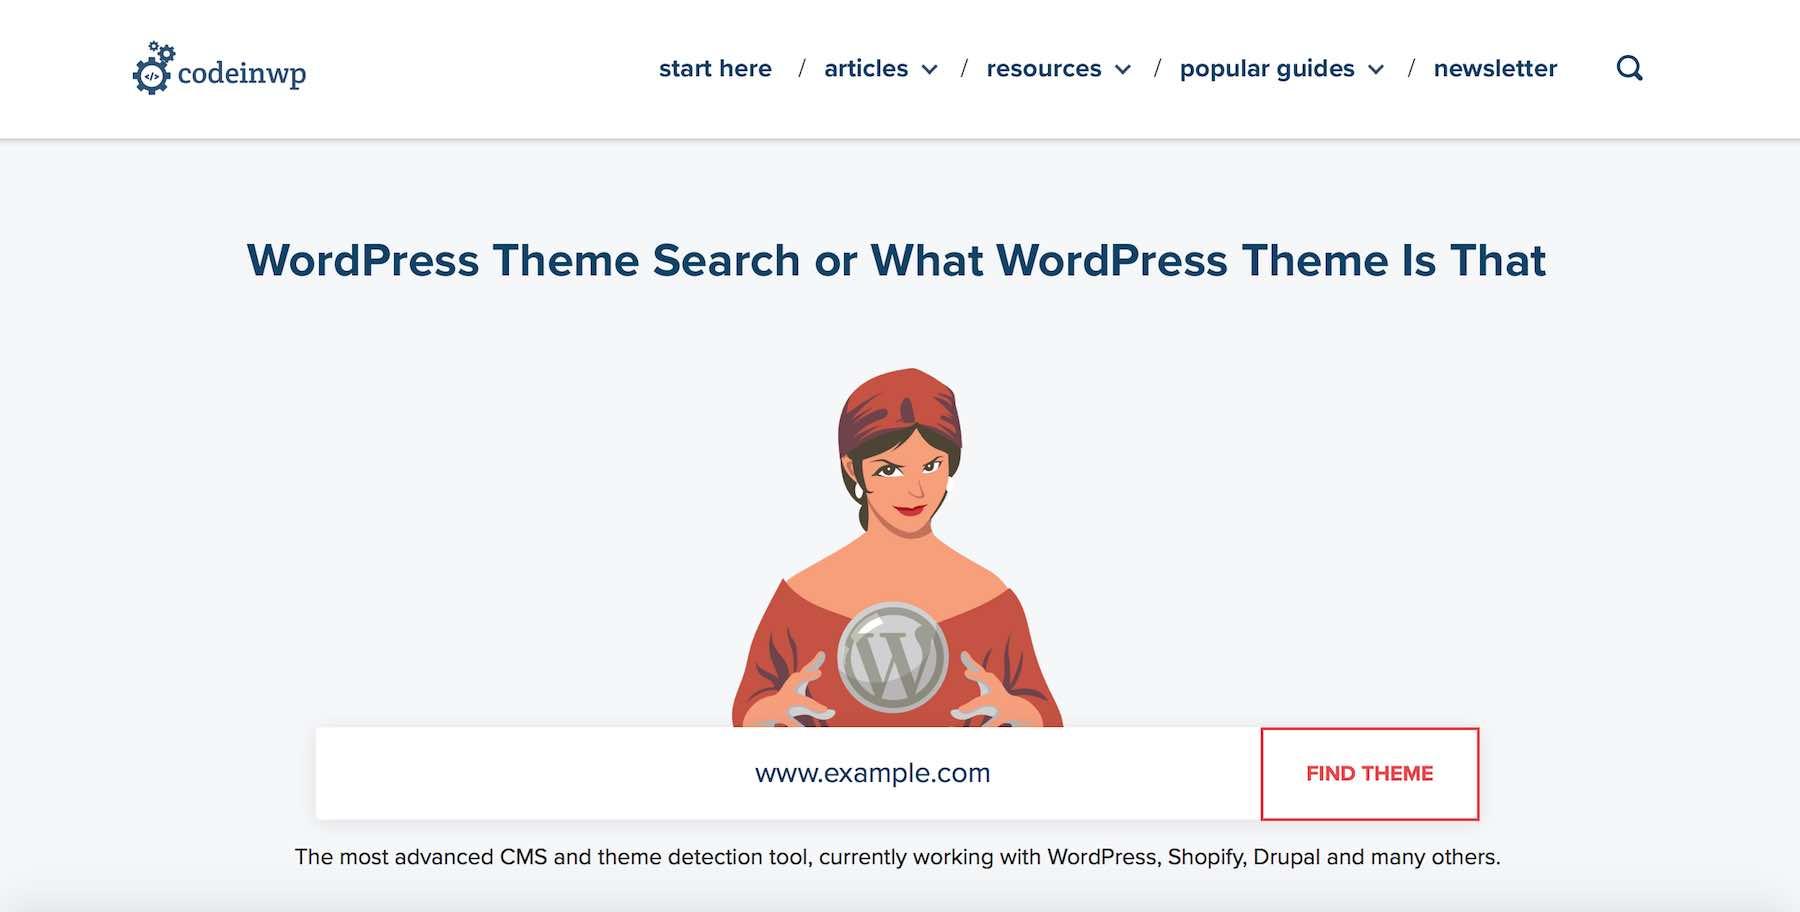 WordPress-Theme-Tool-codeinwp